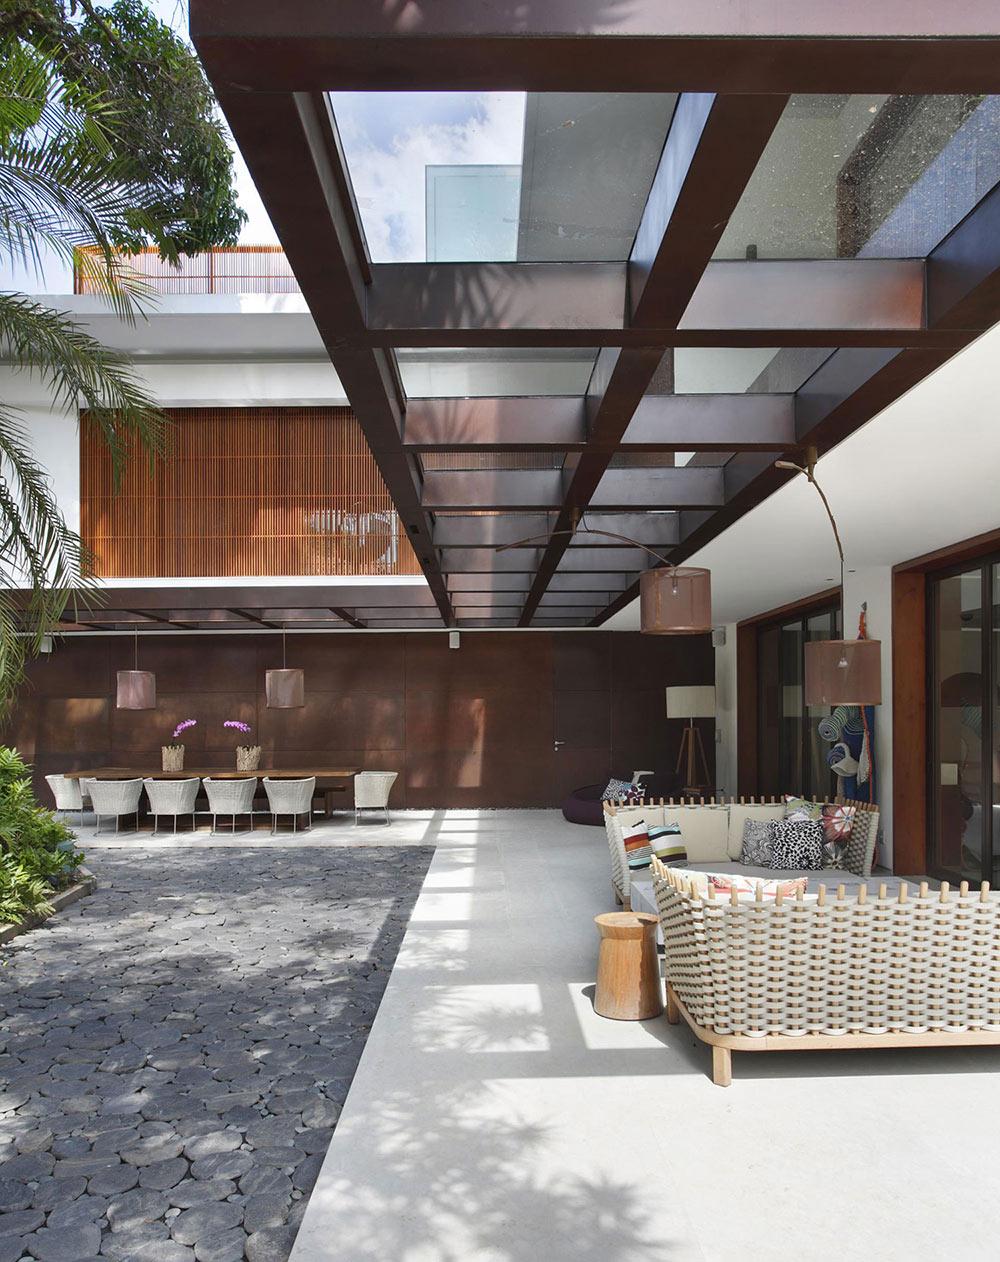 Outdoor Living, Colonial Style House Renovation in Rio de Janeiro